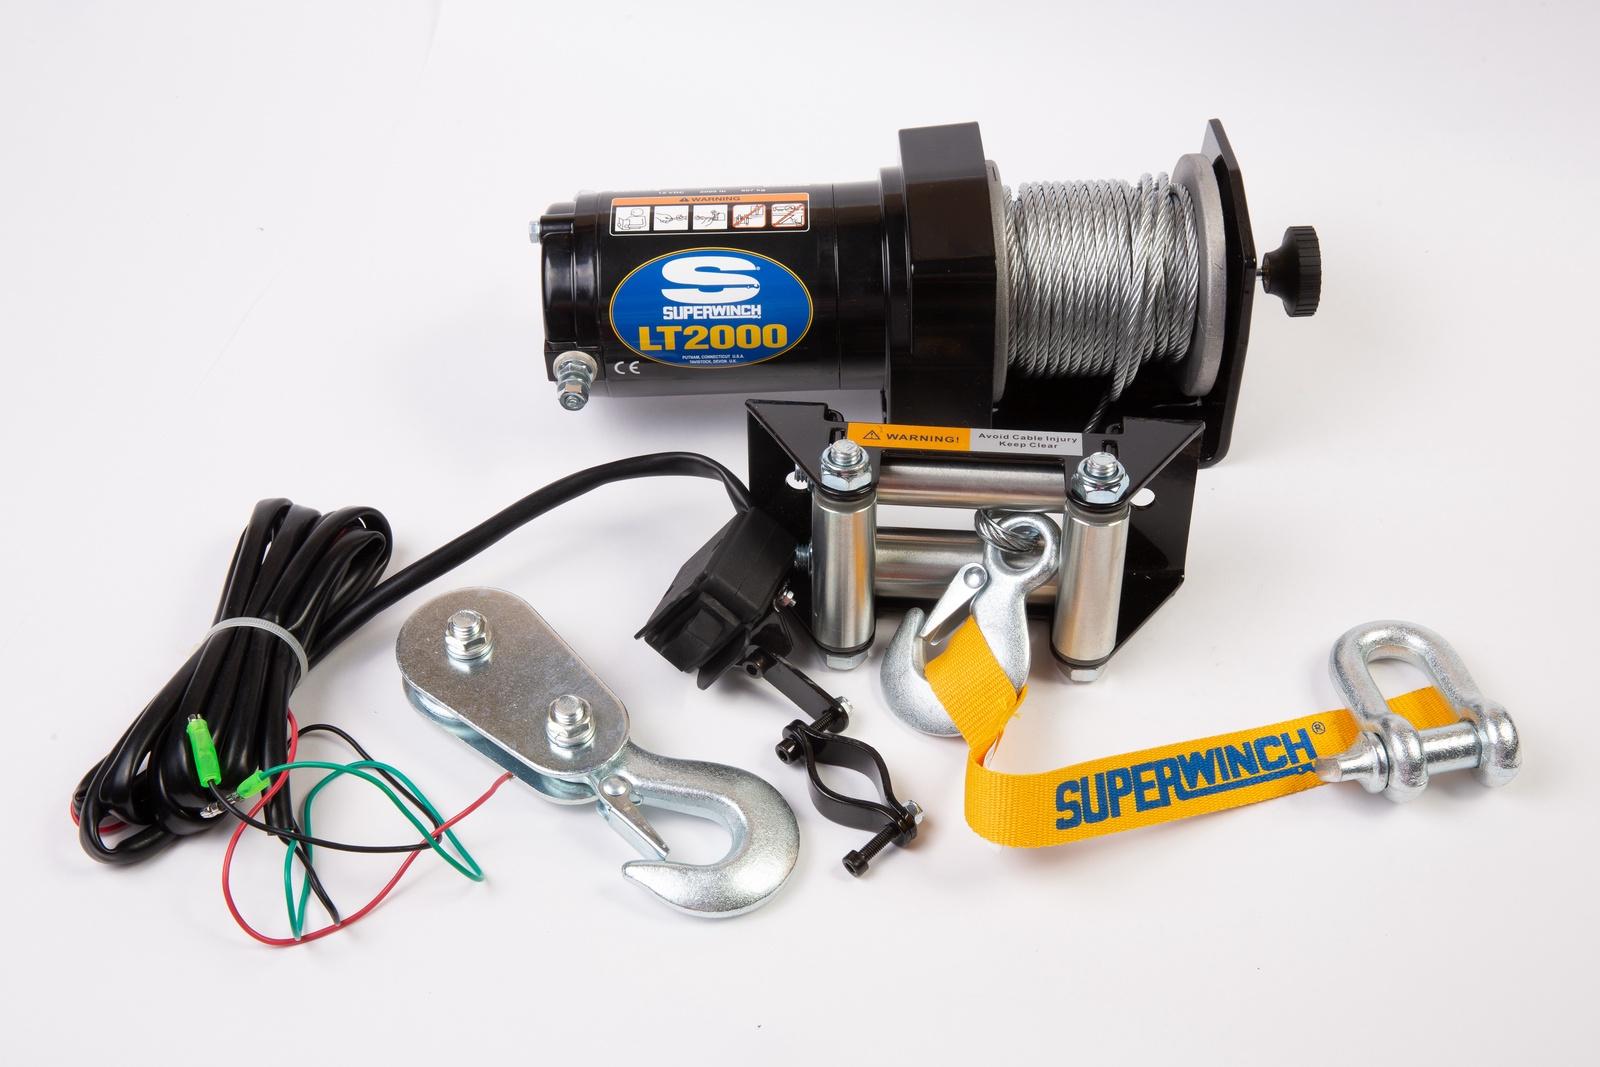 Автомобильная лебедка Superwinch LT2000, черный